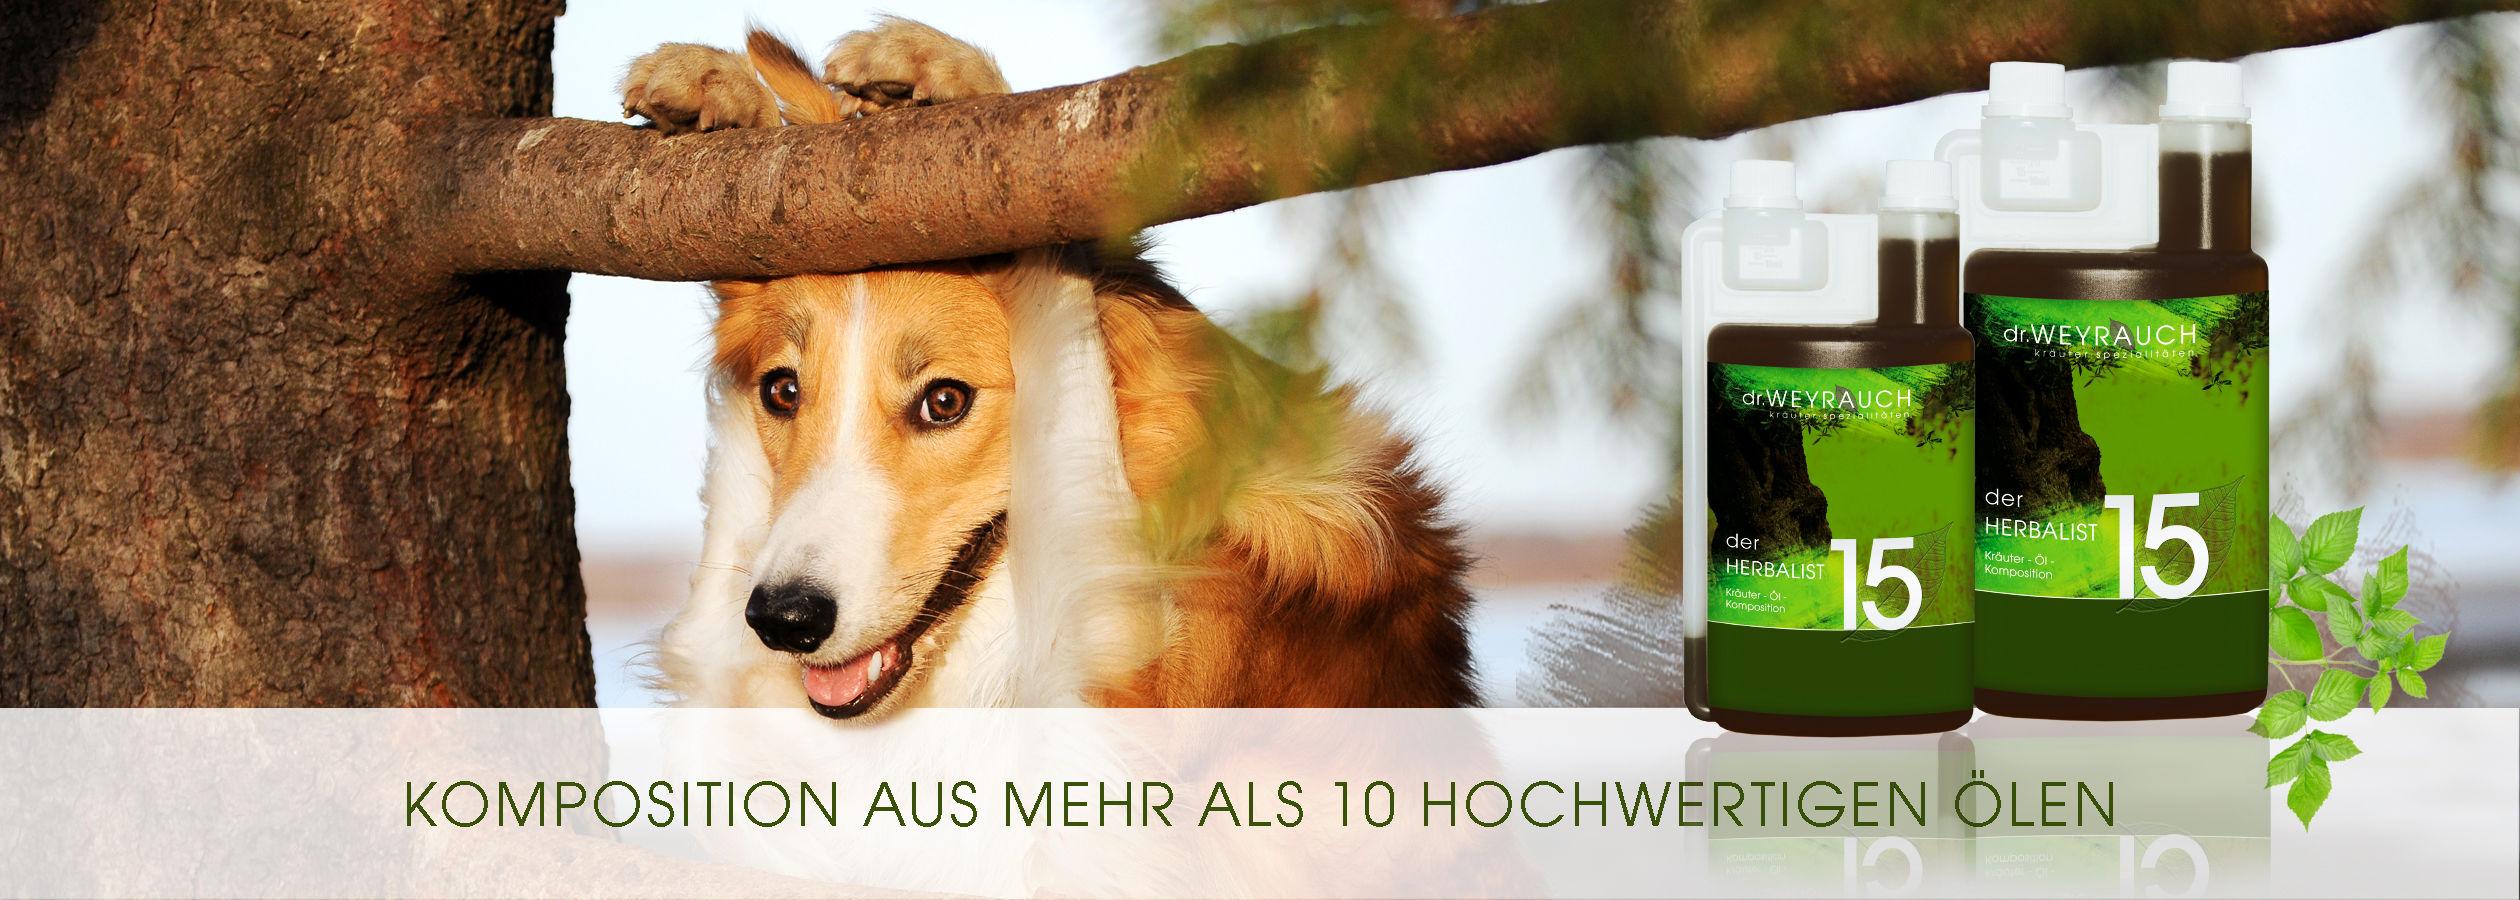 HEADER-2017-Herbalist-Hund